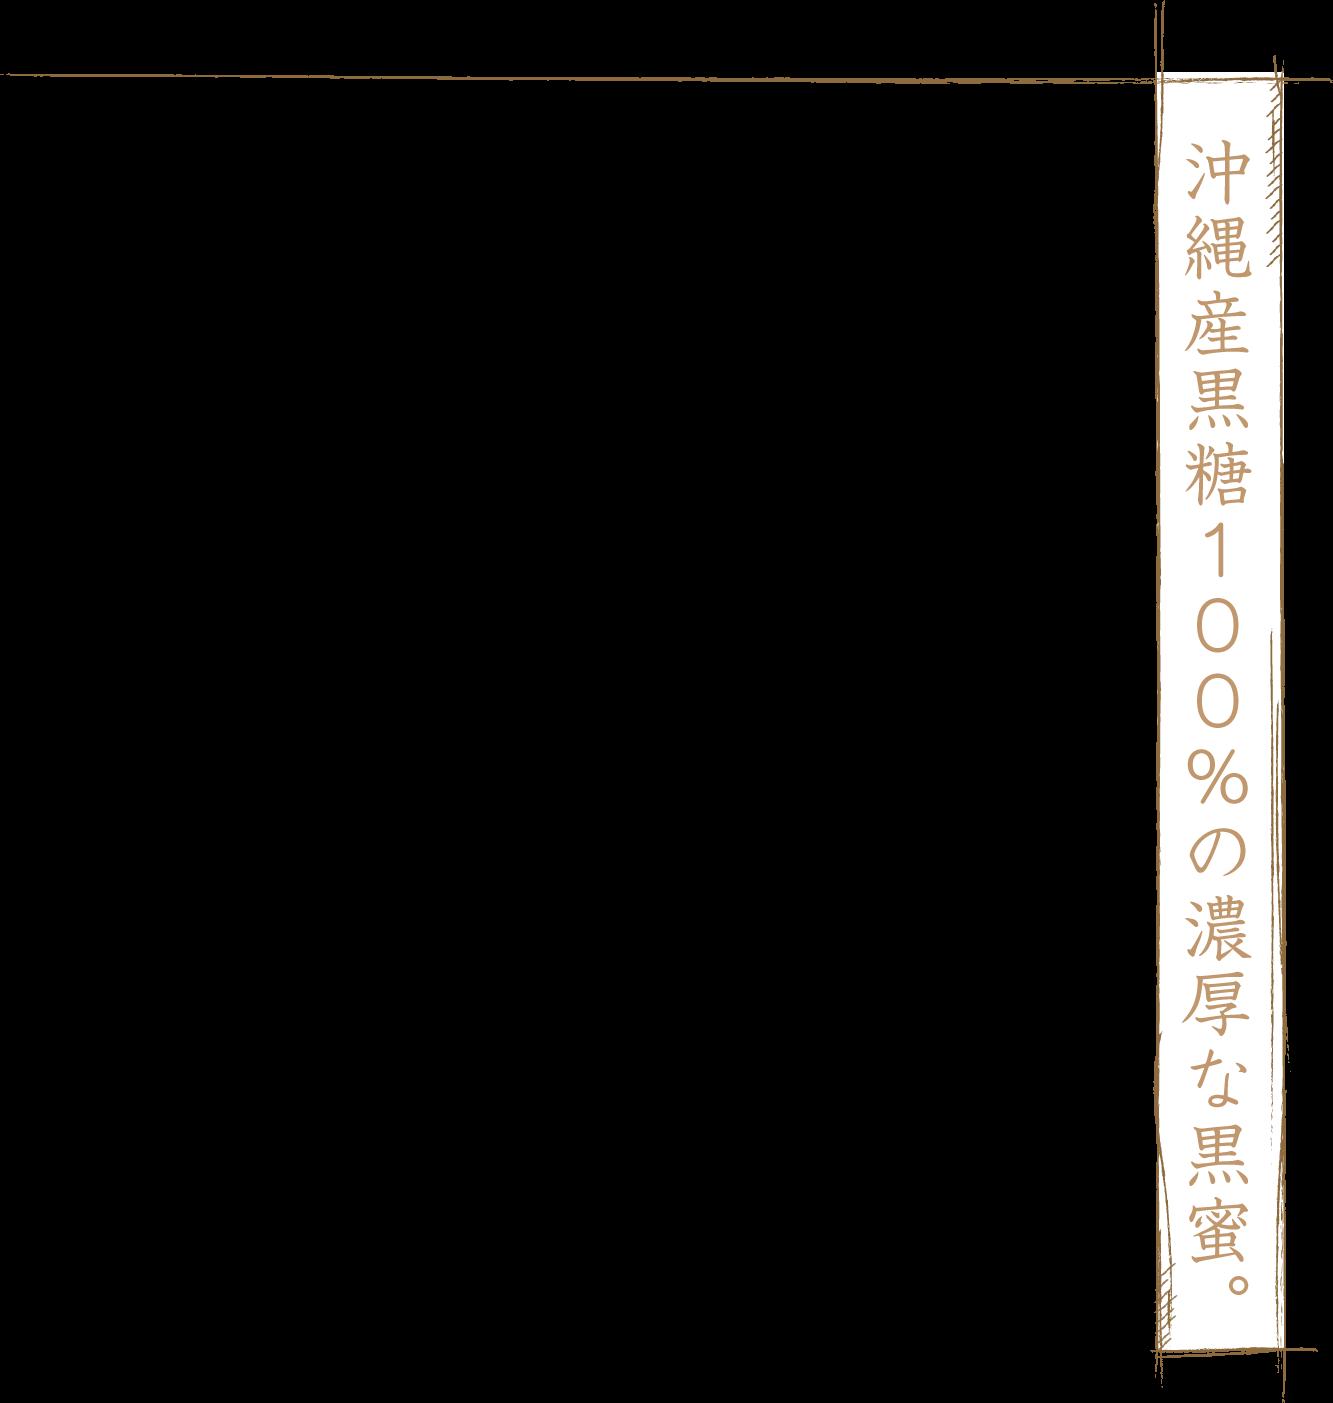 沖縄産黒糖100%の濃厚な黒蜜。